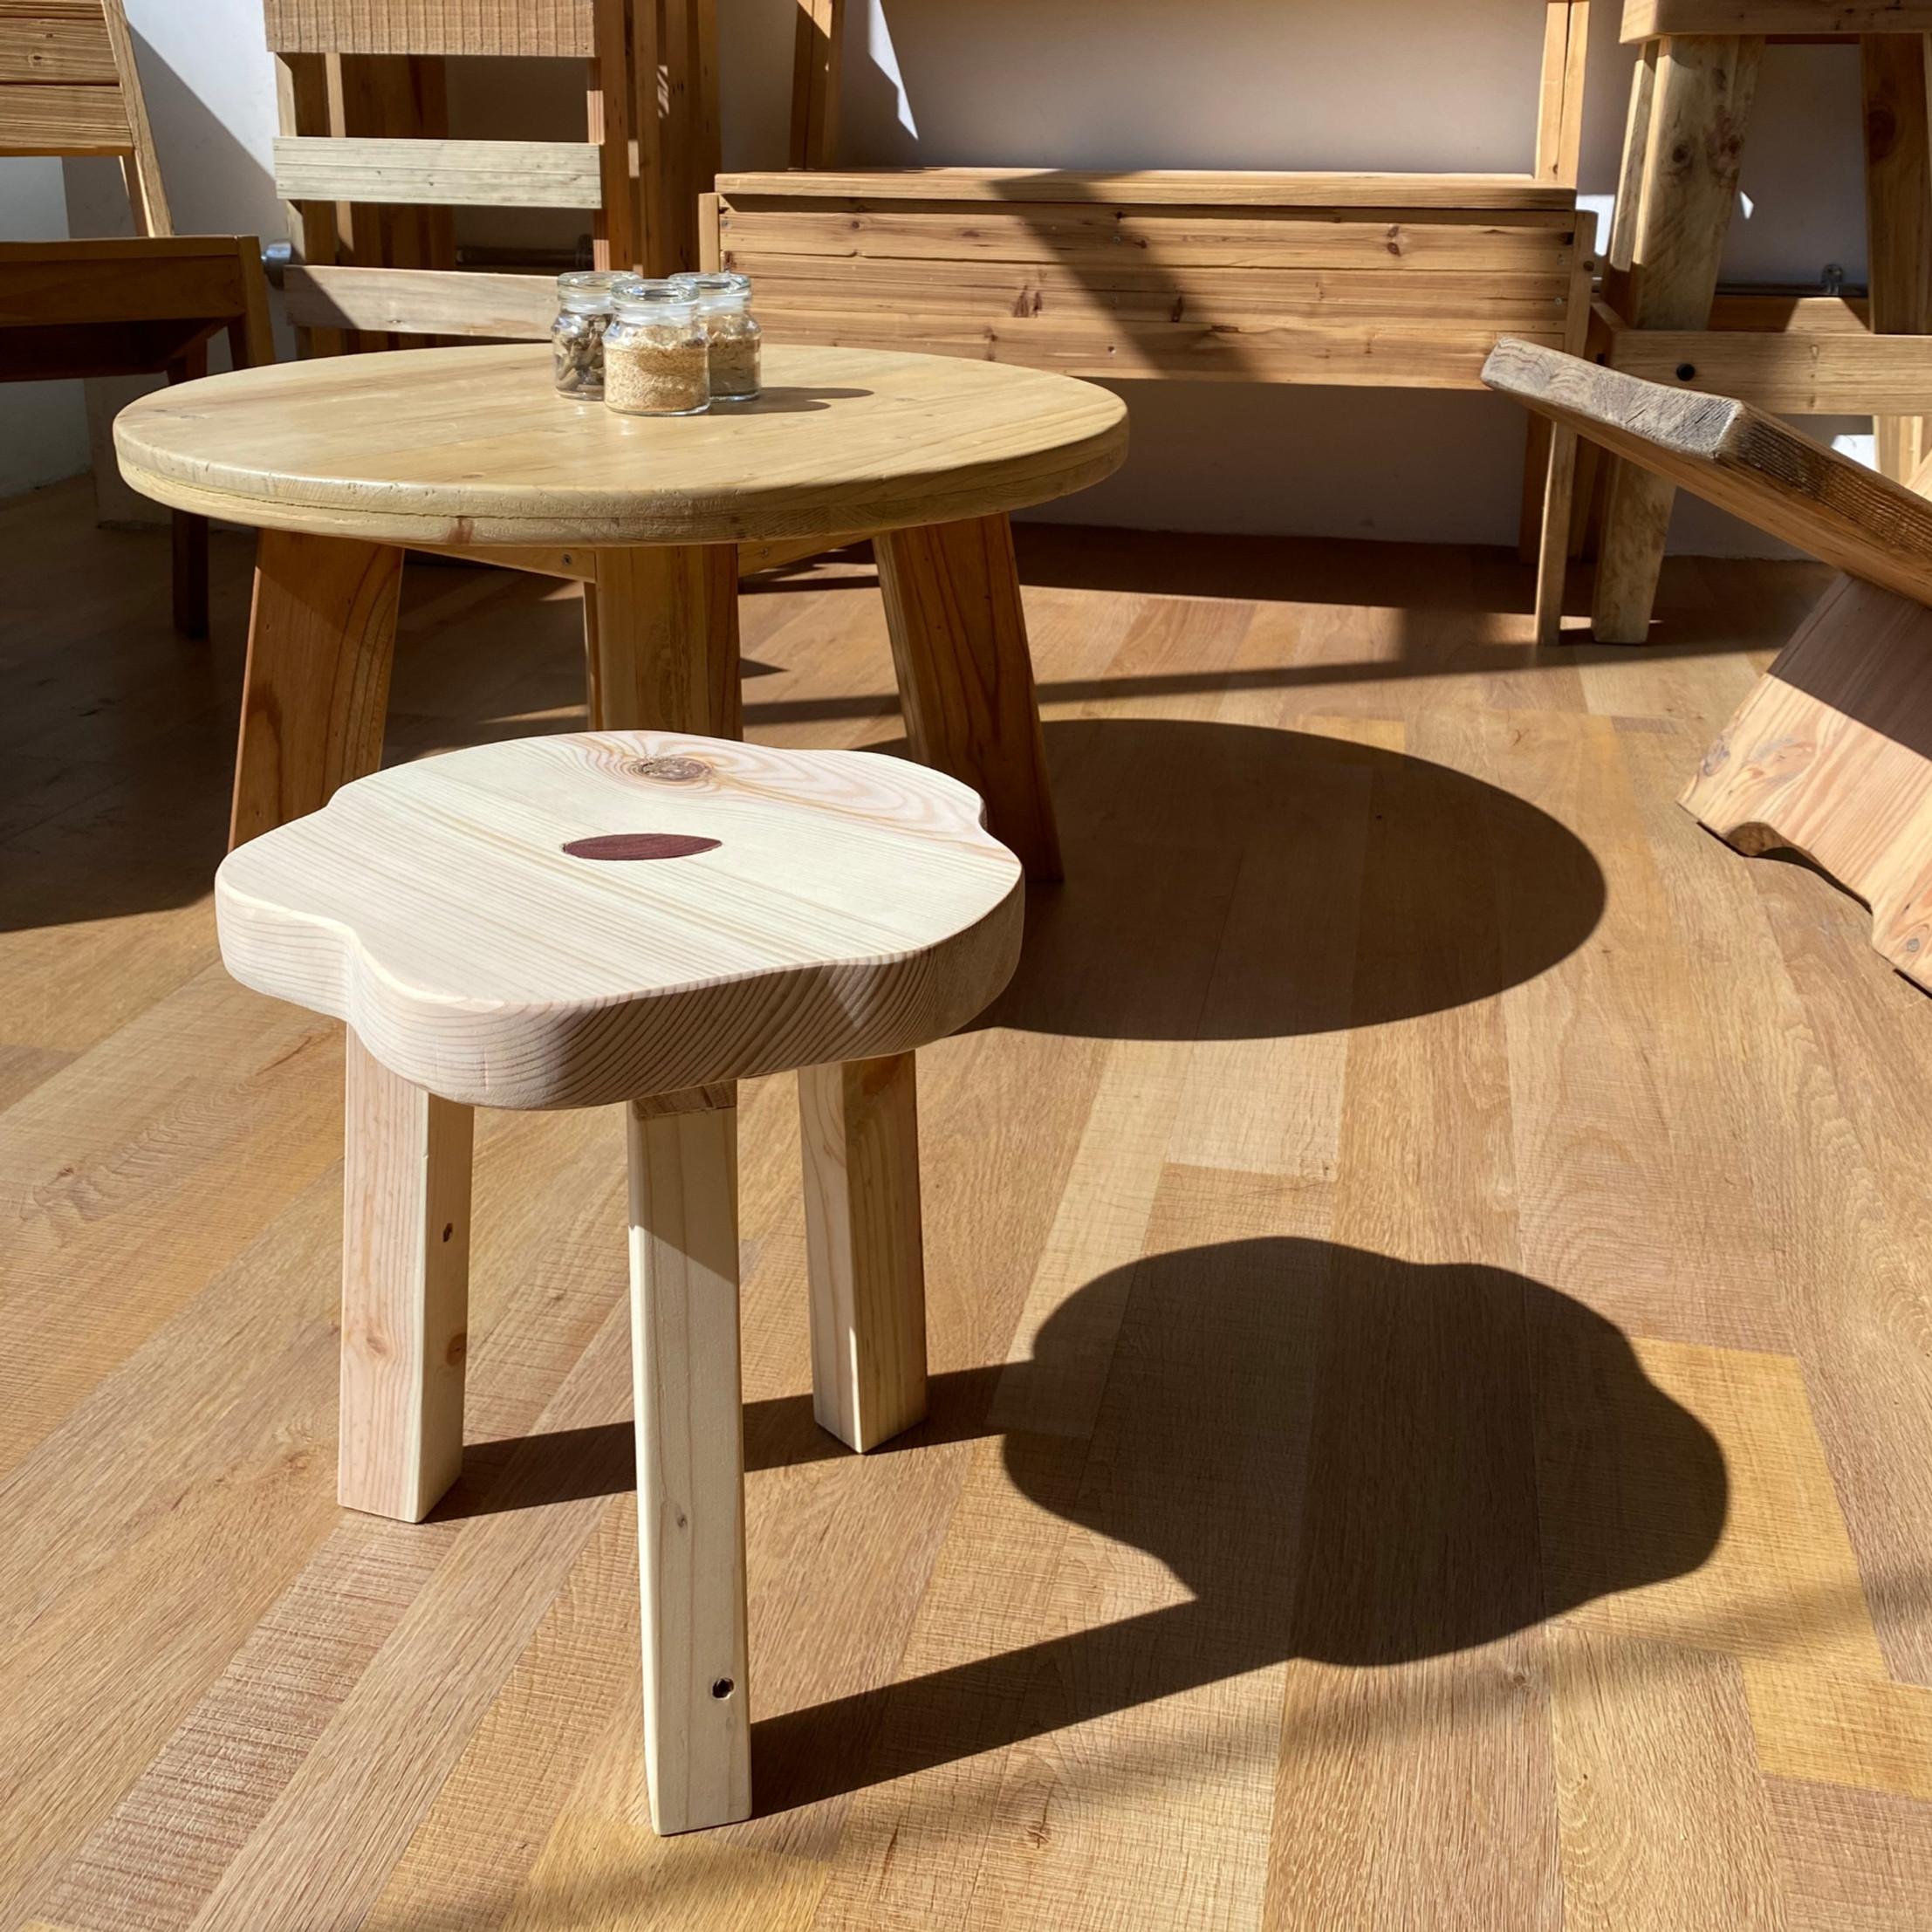 Hana stool workshop